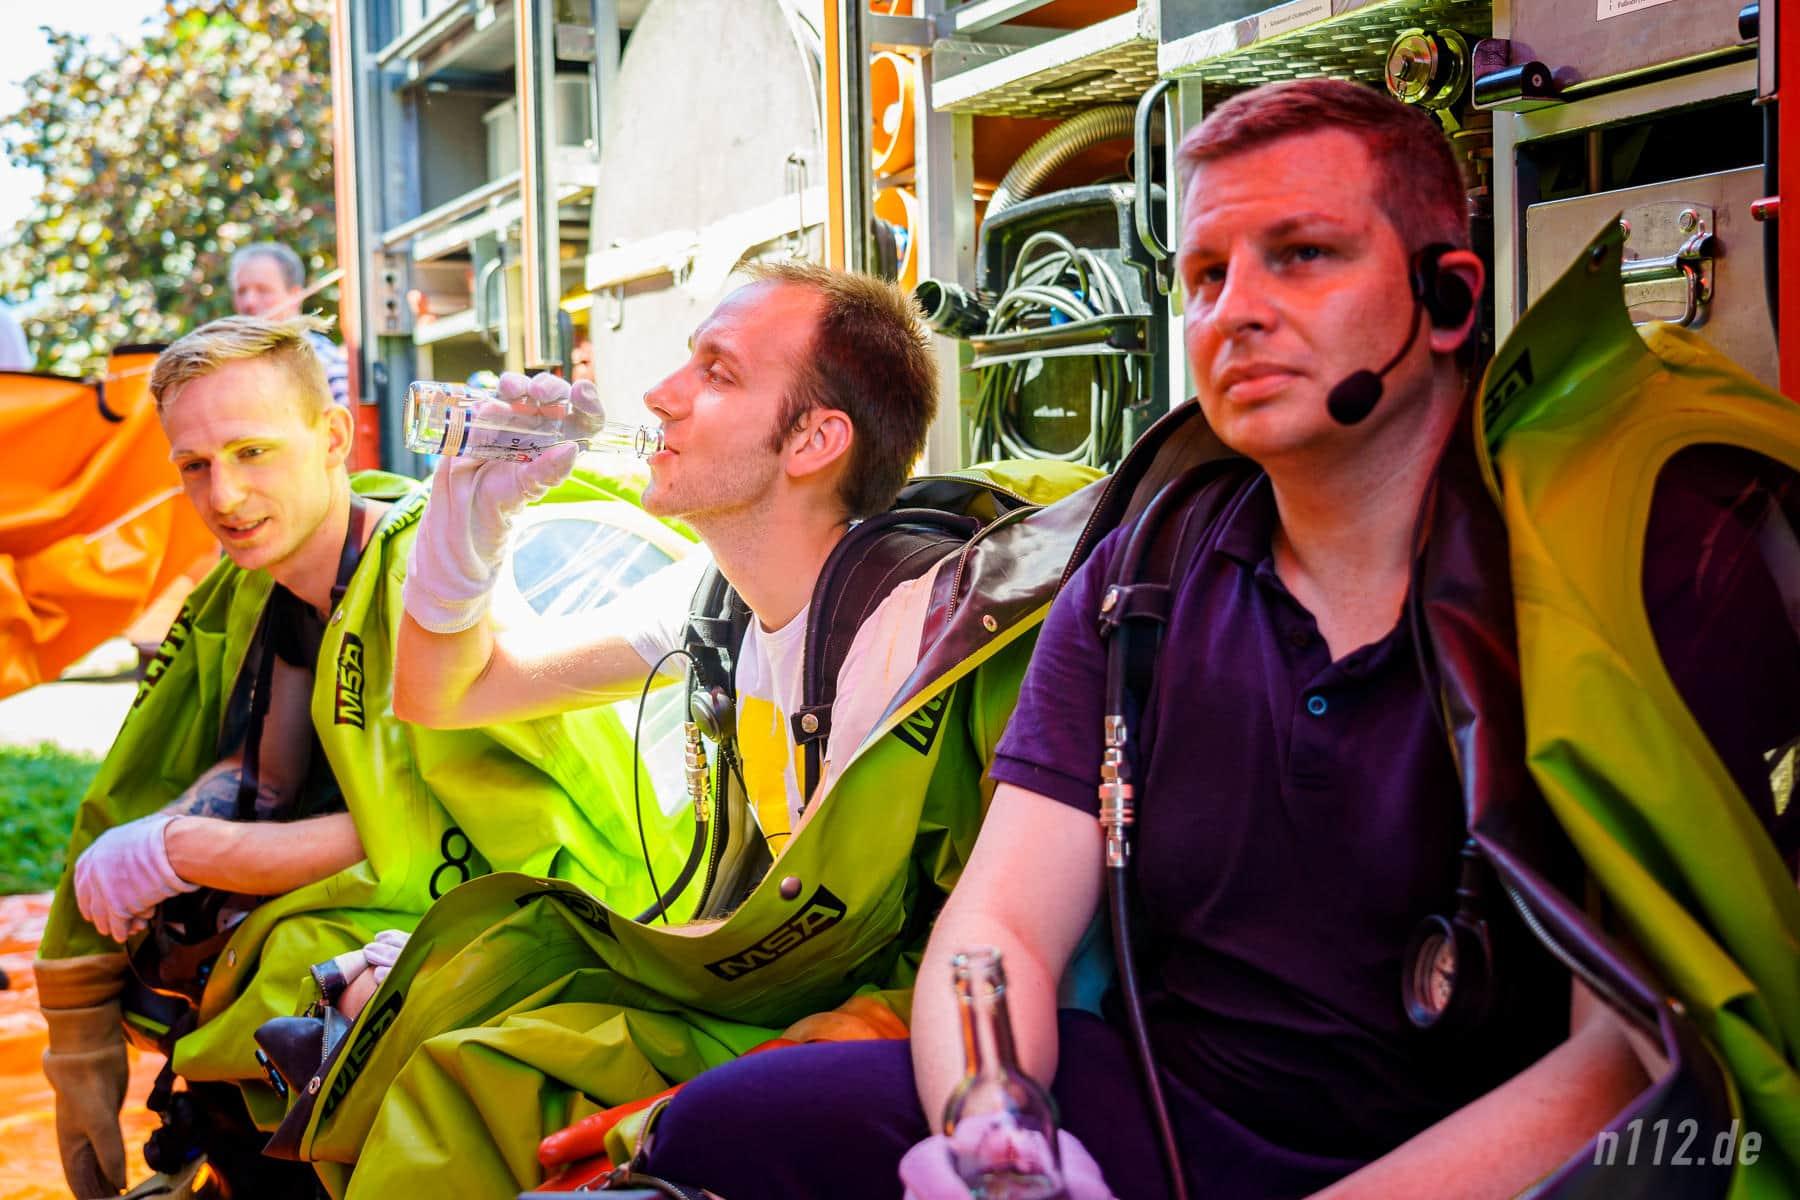 Schon beim Warten schweißgebadet: Ausgerüstet mit Vollschutzanzügen sitzen die Freiwilligen bei 33 Grad im Schatten unter einer Plane (Foto: n112.de/Stefan Simonsen)